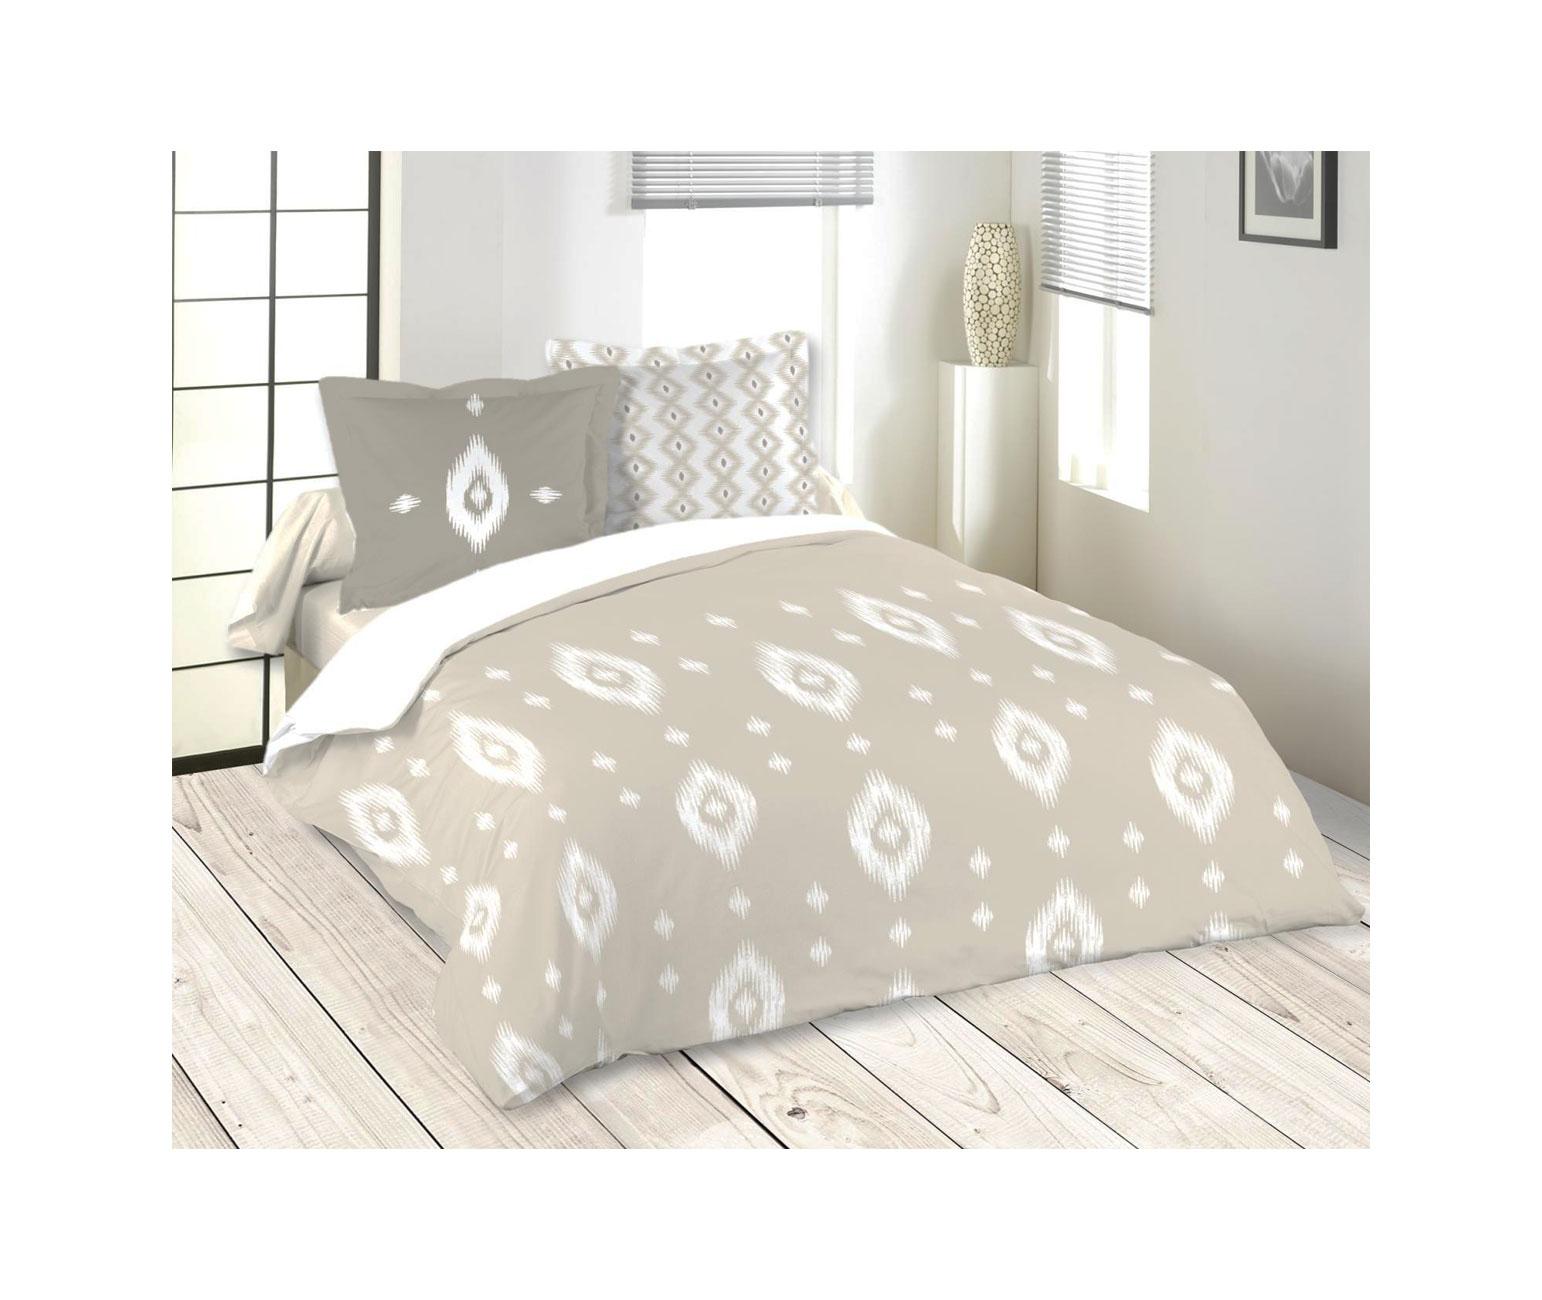 parure de lit esprit ethnique beige homemaison. Black Bedroom Furniture Sets. Home Design Ideas